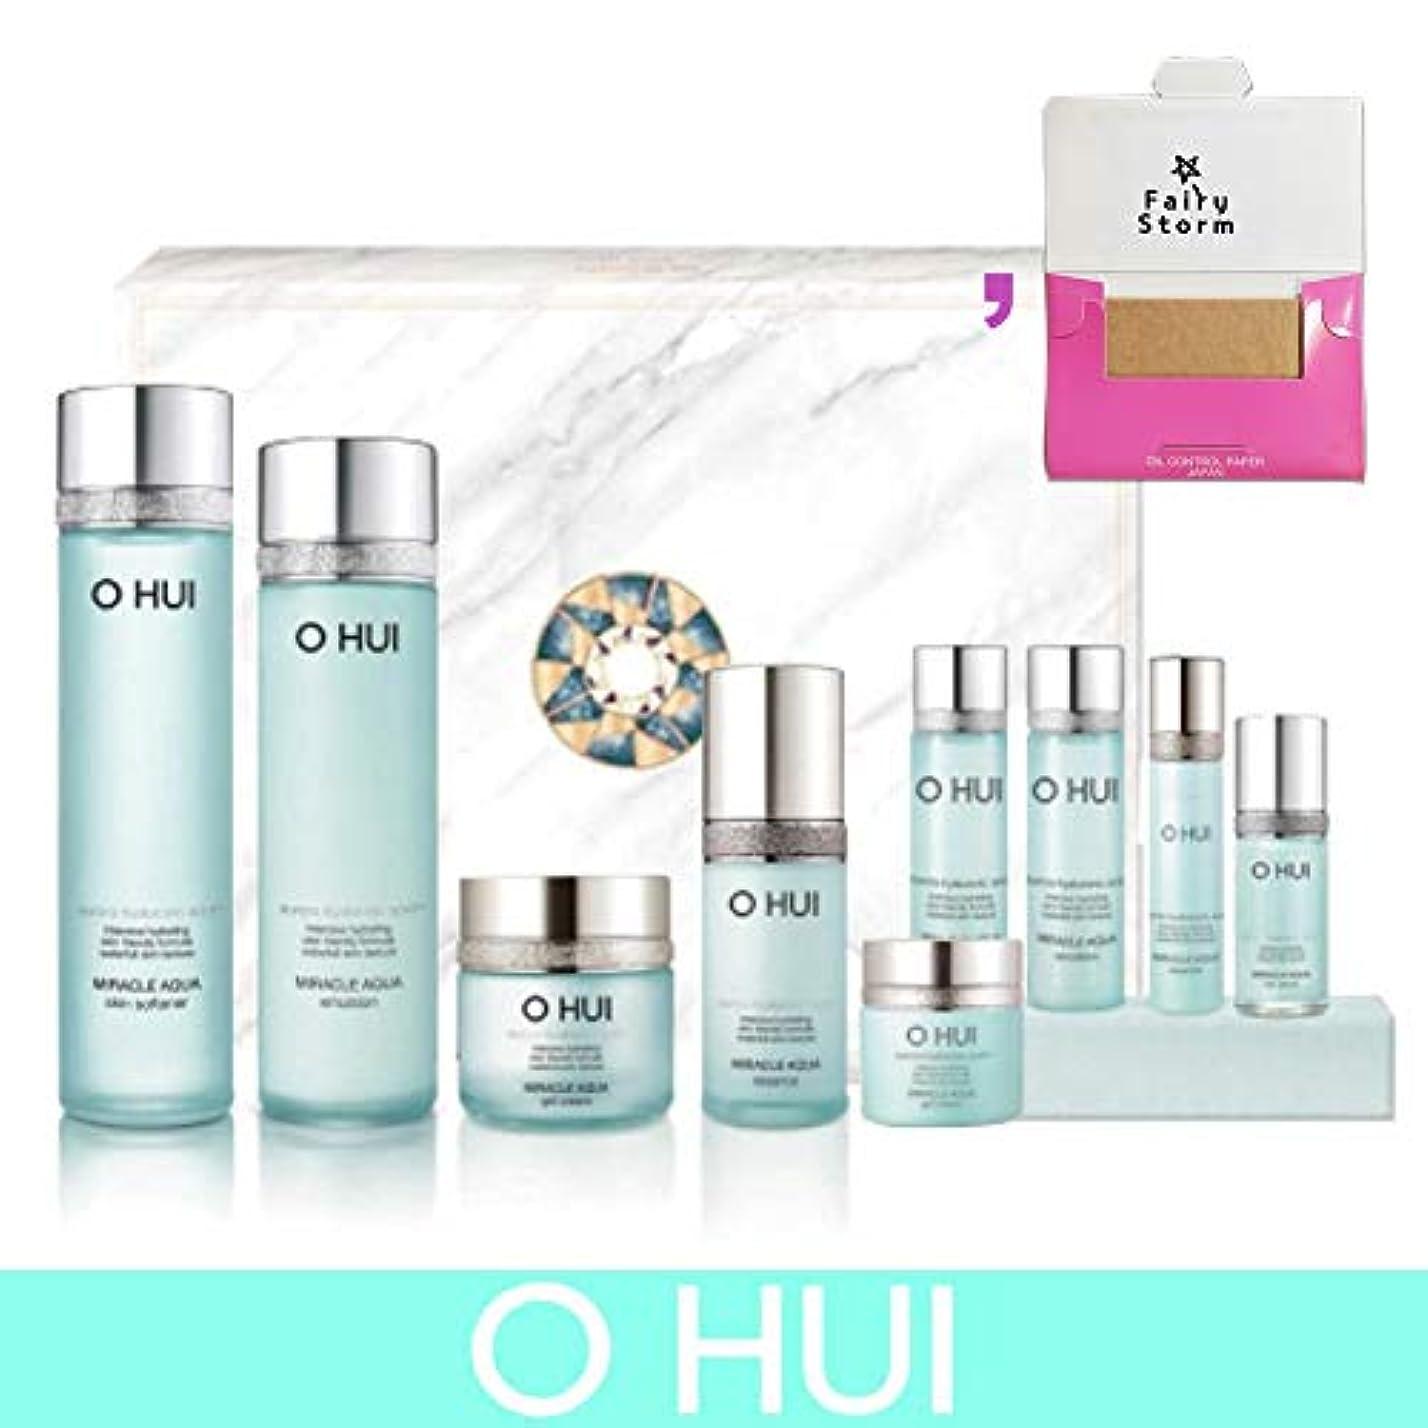 空中スキャン変装した[オフィ/O HUI]韓国化粧品 LG生活健康/O HUI MIRACLE AQUA SPECIAL 4EA SET/ミラクル アクア 4種セット + [Sample Gift](海外直送品)